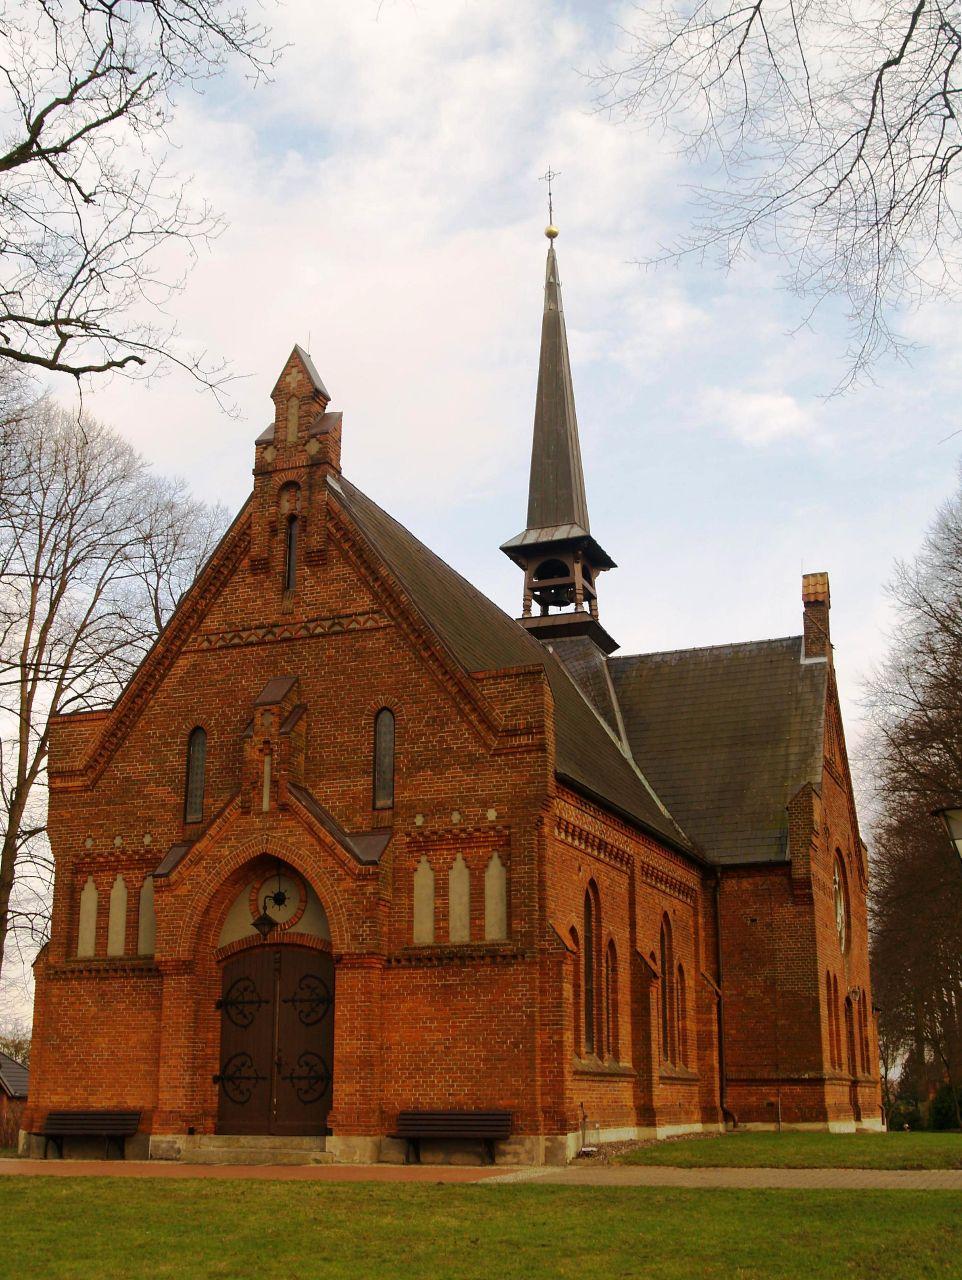 Wankendorfer Kirche